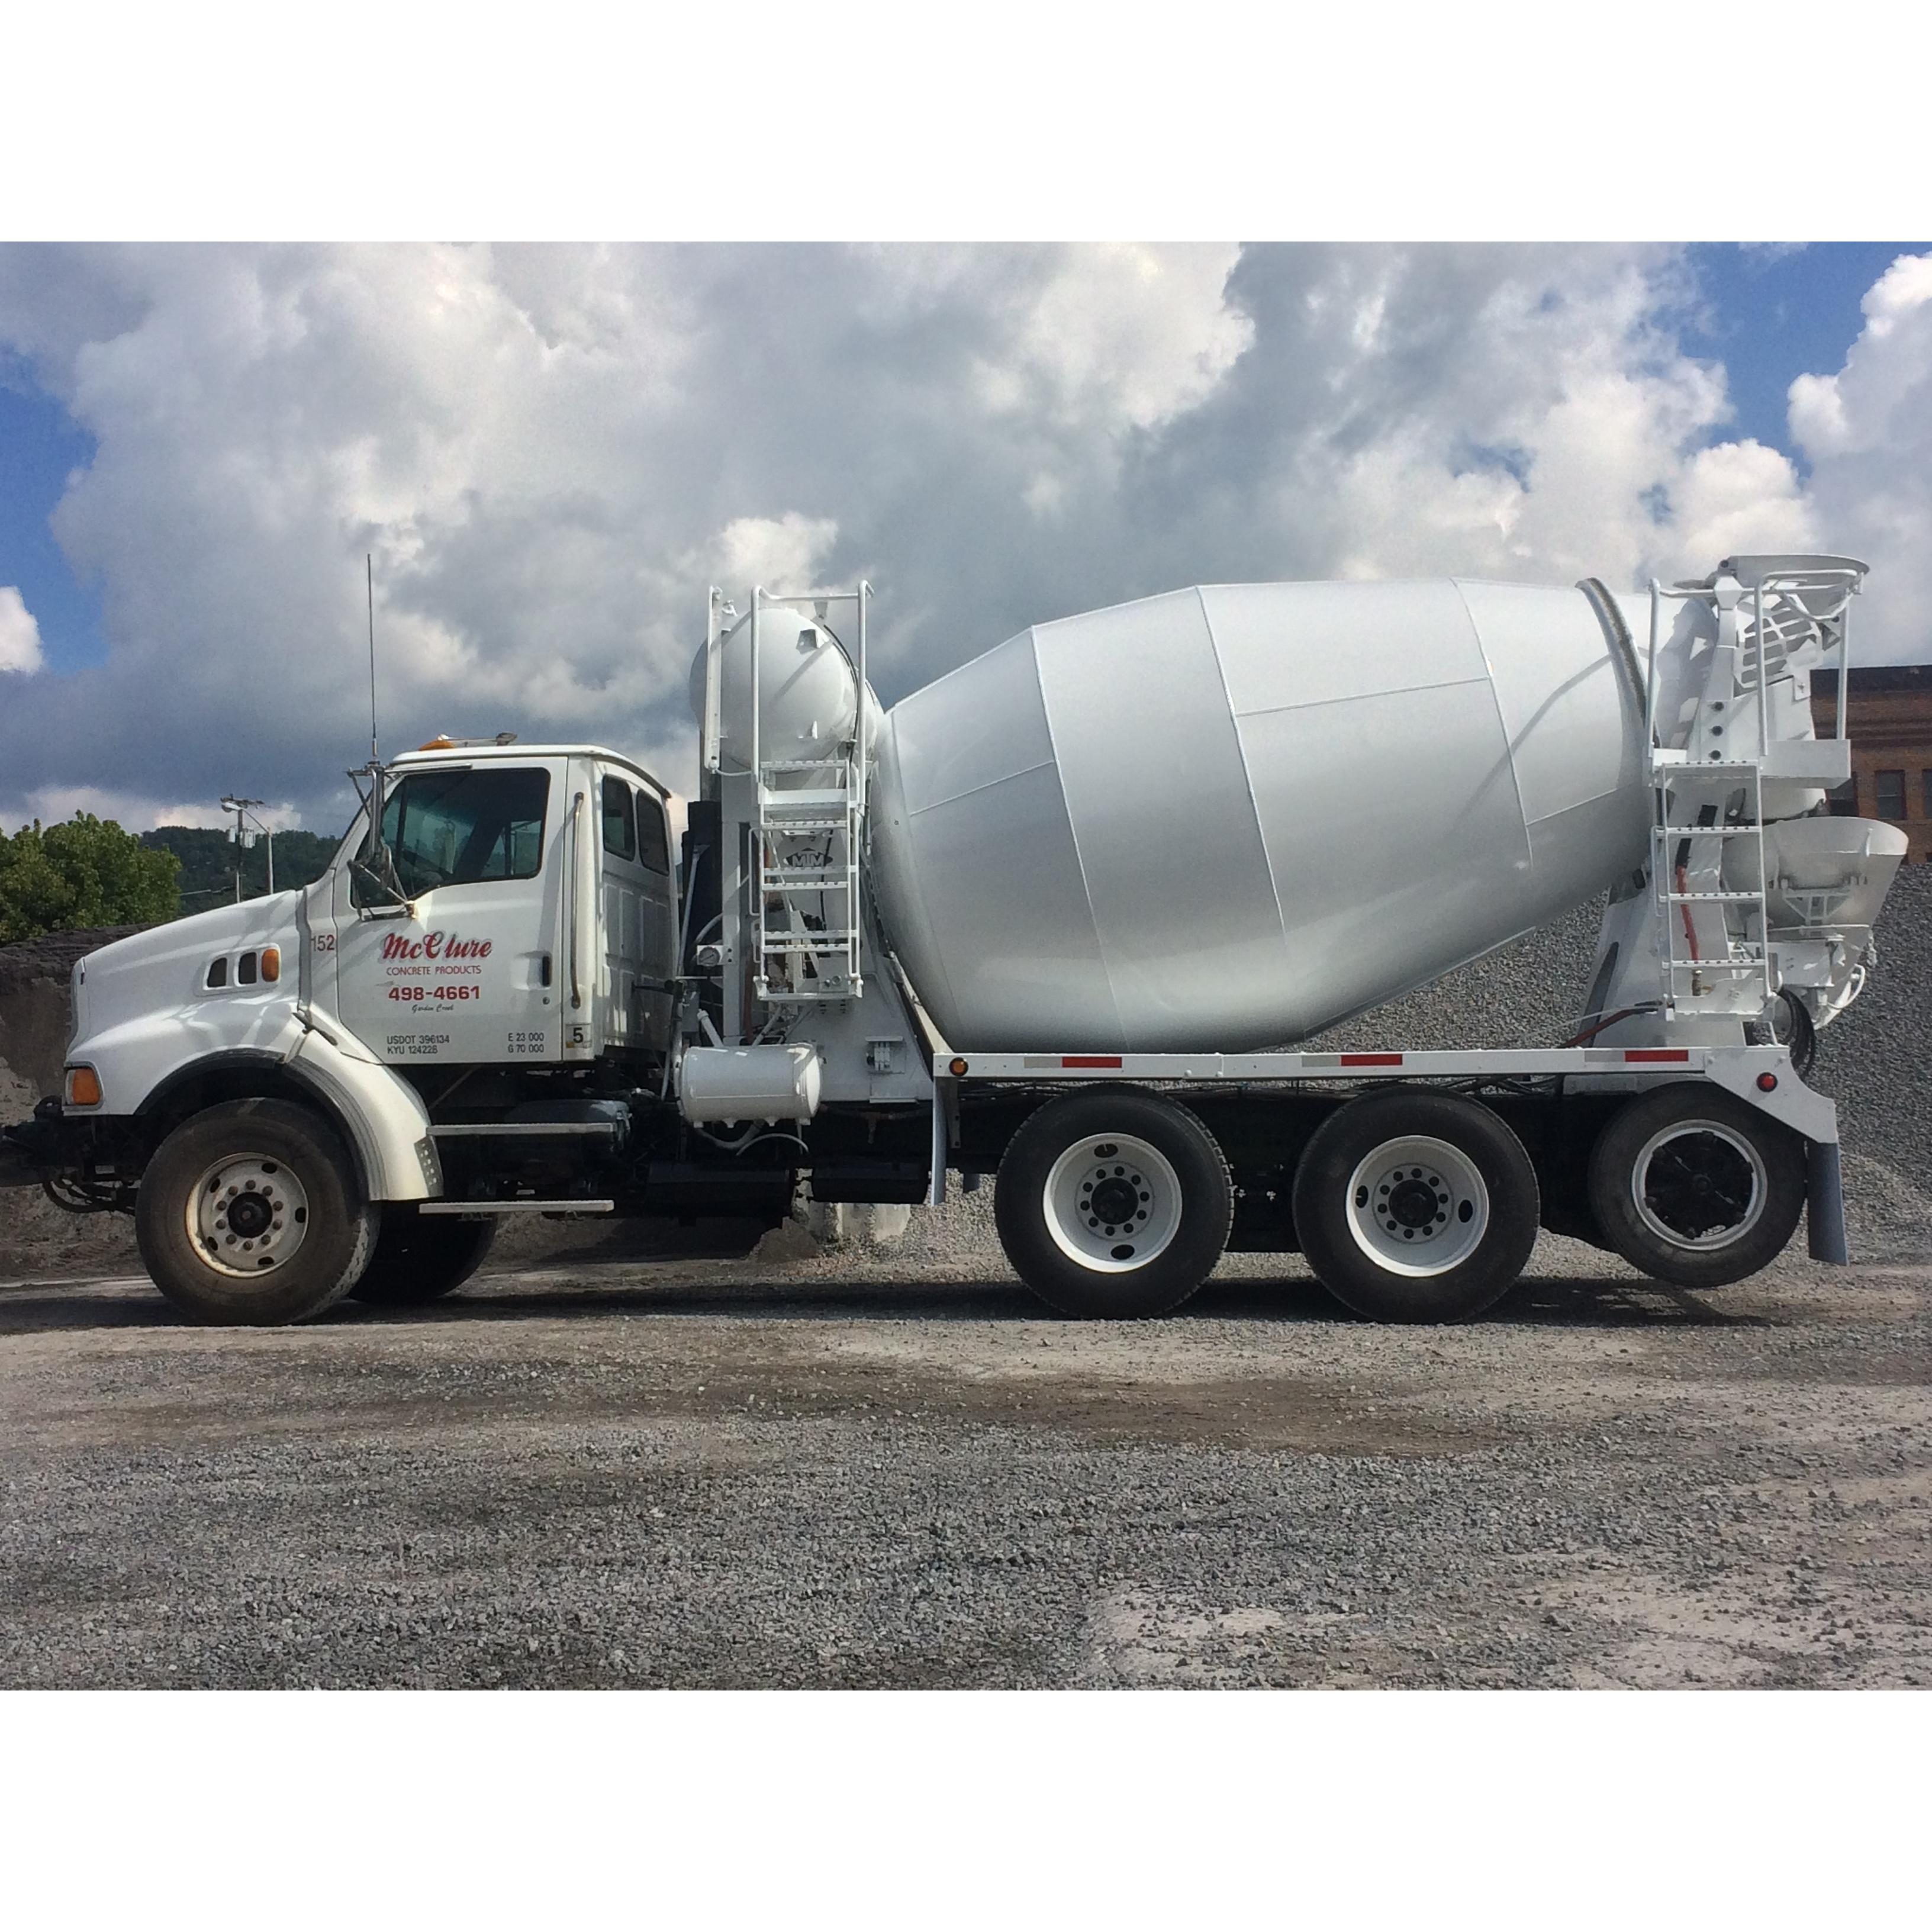 Mcclure Concrete Products Inc